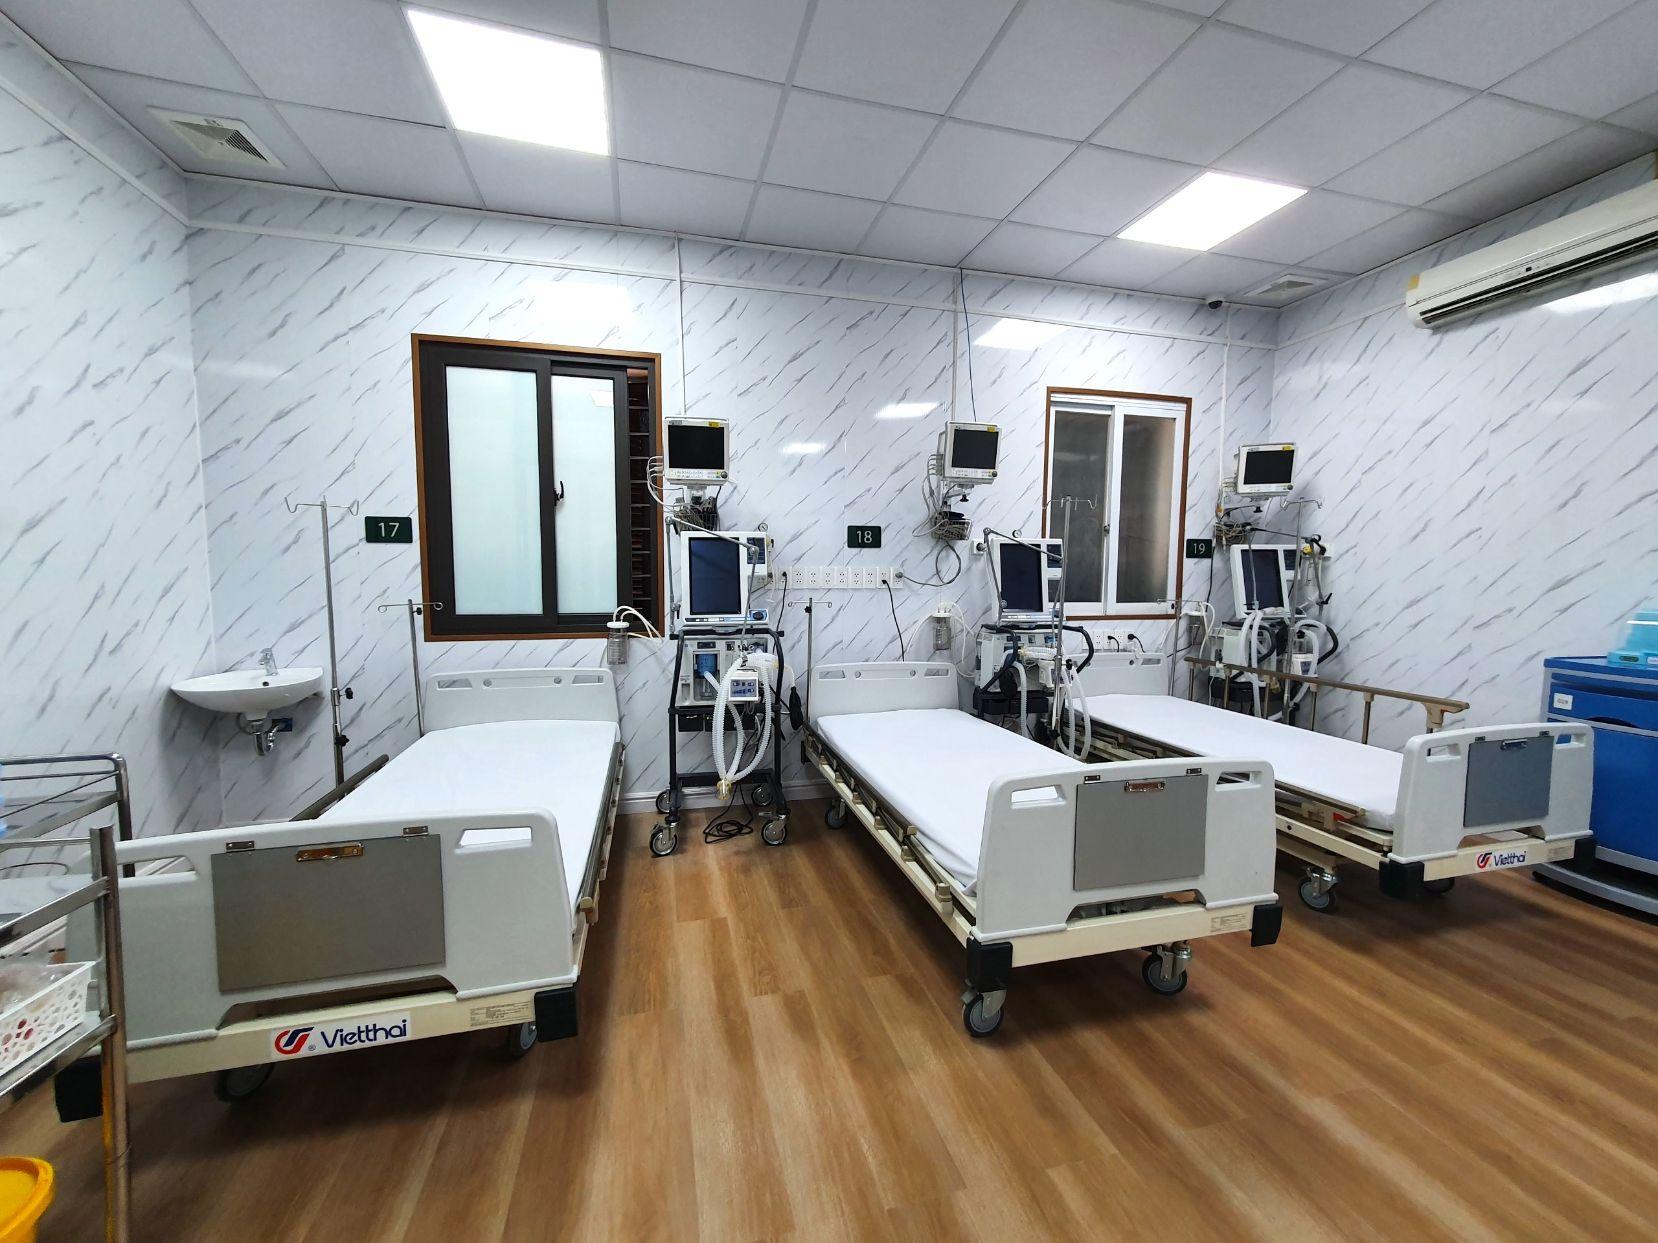 Trung tam dot quy - Vật liệu nội thất mới cho thiết kế bệnh viện hiện đại